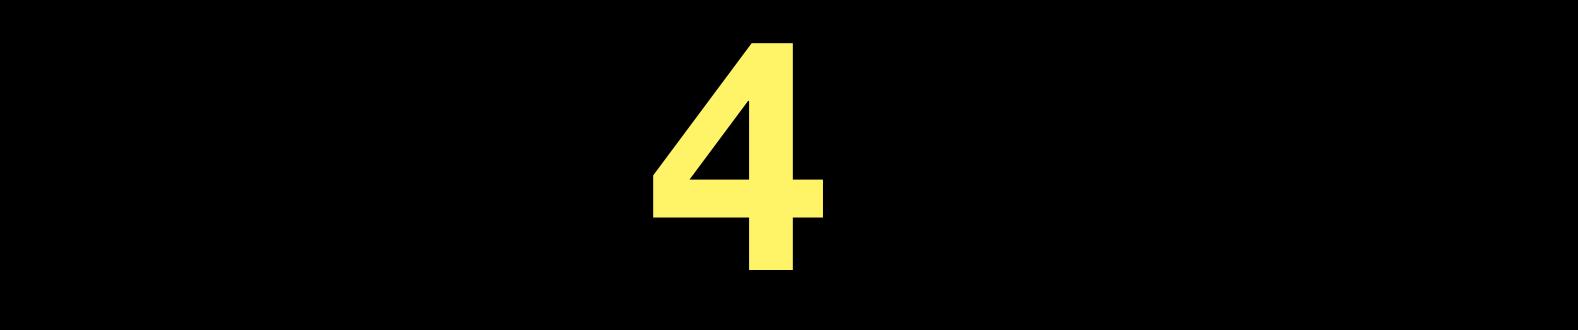 """Znak rozpoznawczy projektu """"see for me"""". Logo przedstawia litery w połączeniu z ikonką kamery."""